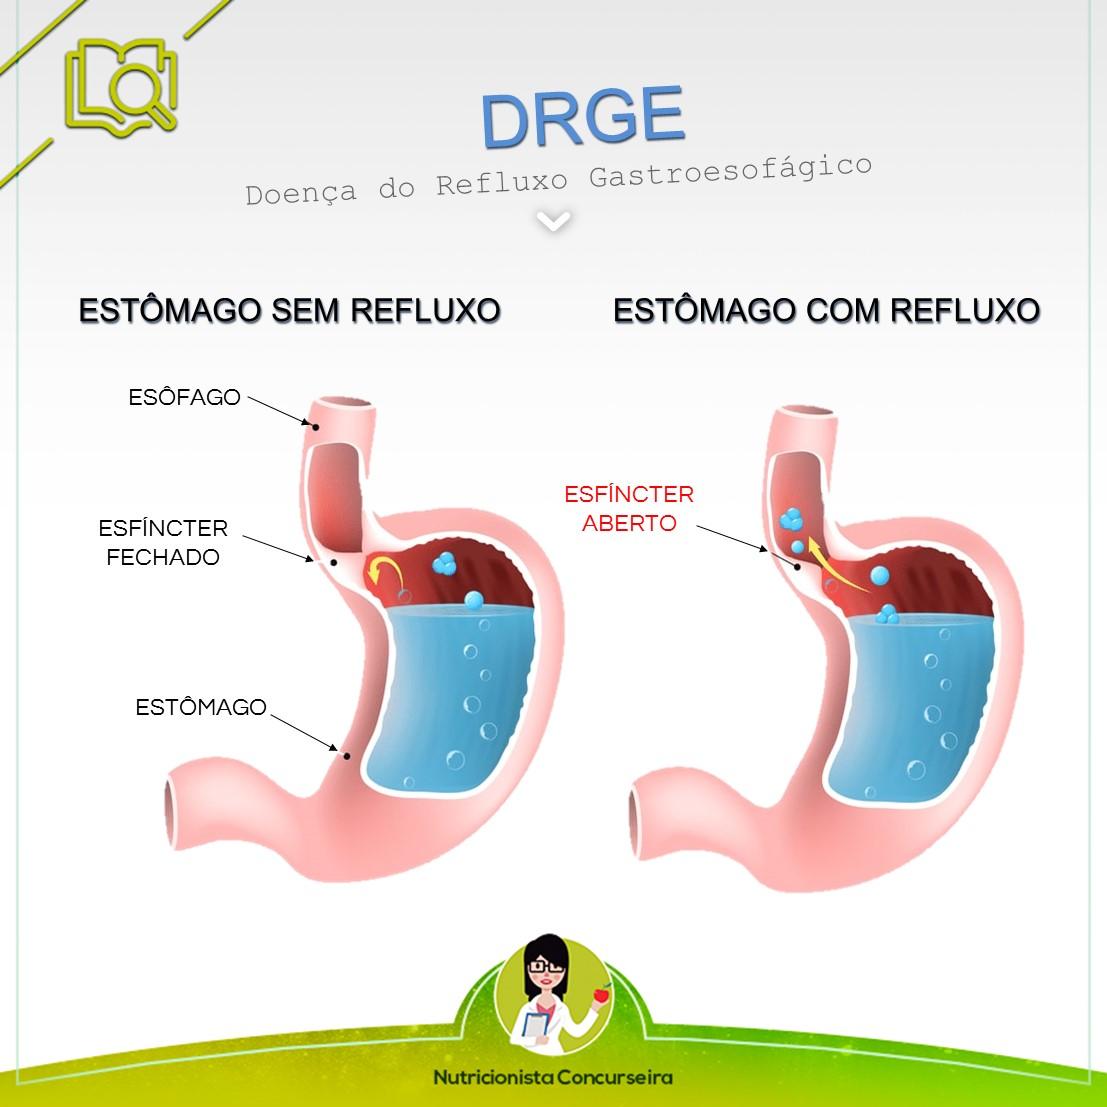 Resumo sobre Doença do Refluxo Gastroesofágico | Nutrição